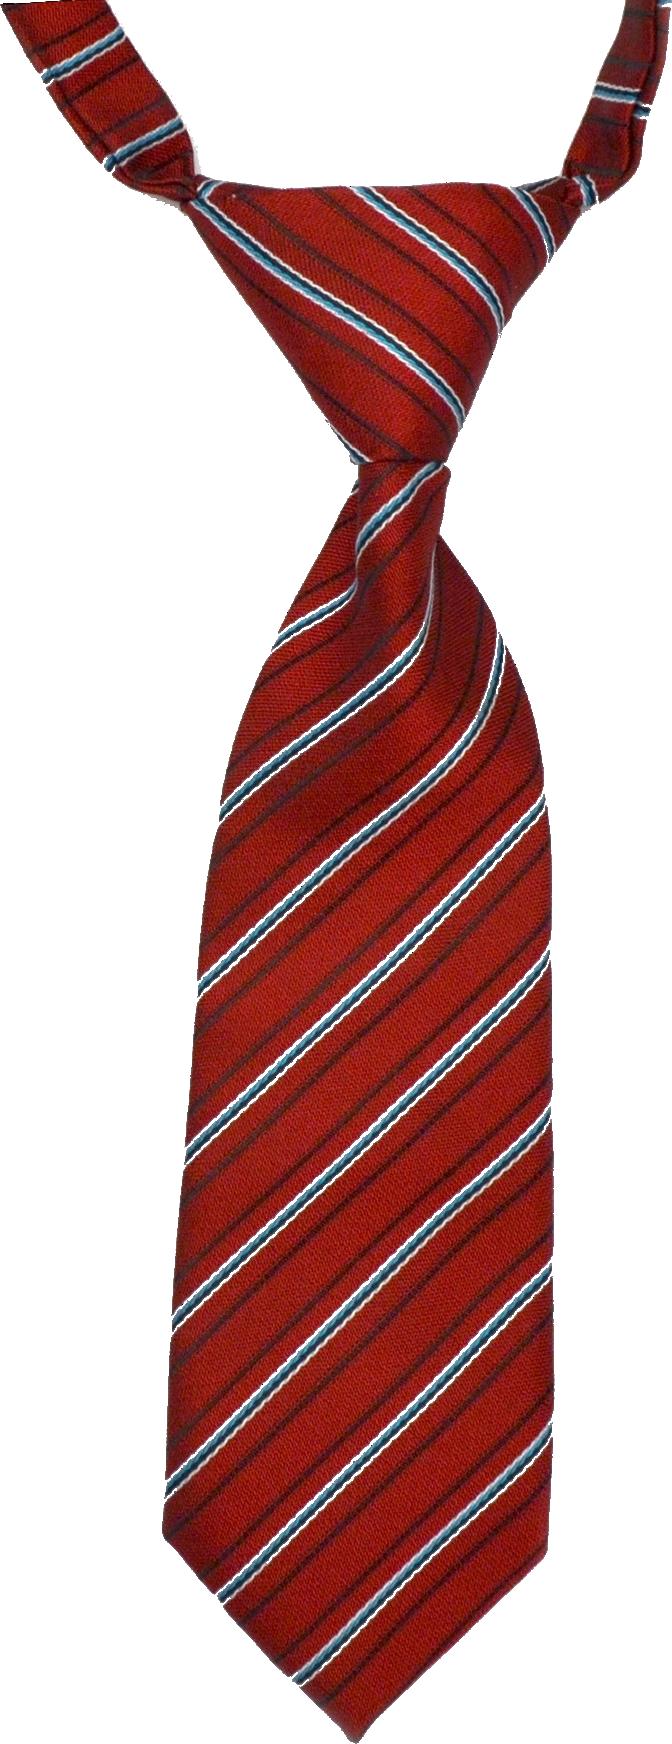 Tie HD PNG